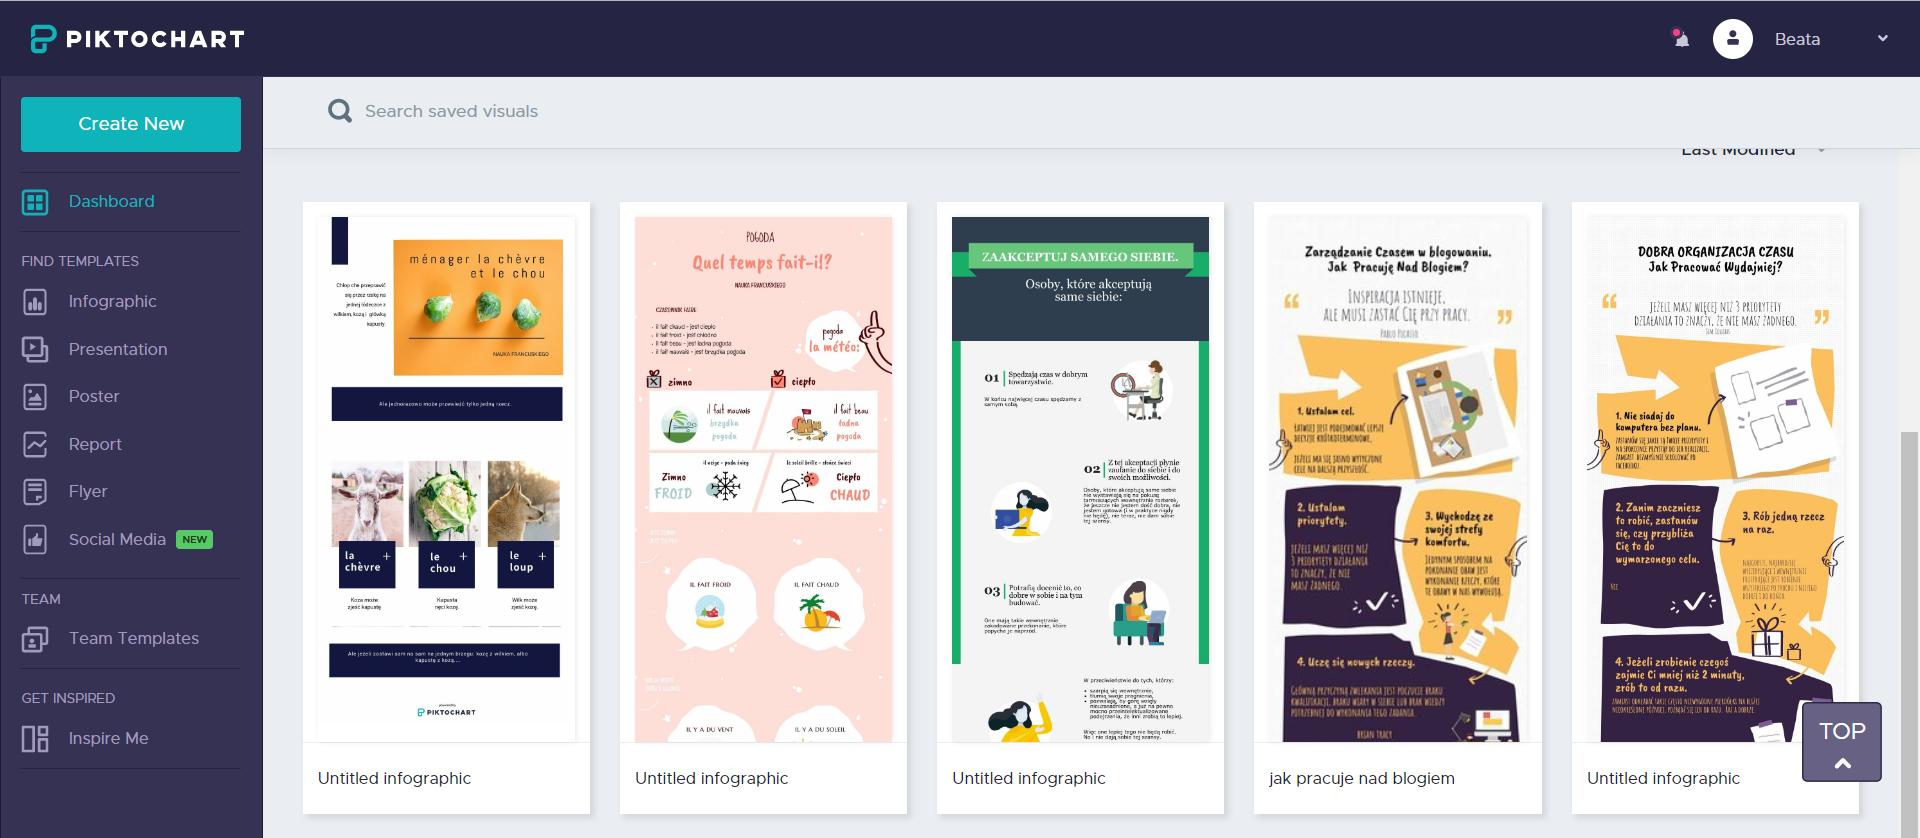 jak przygotować swoje własne infografiki.